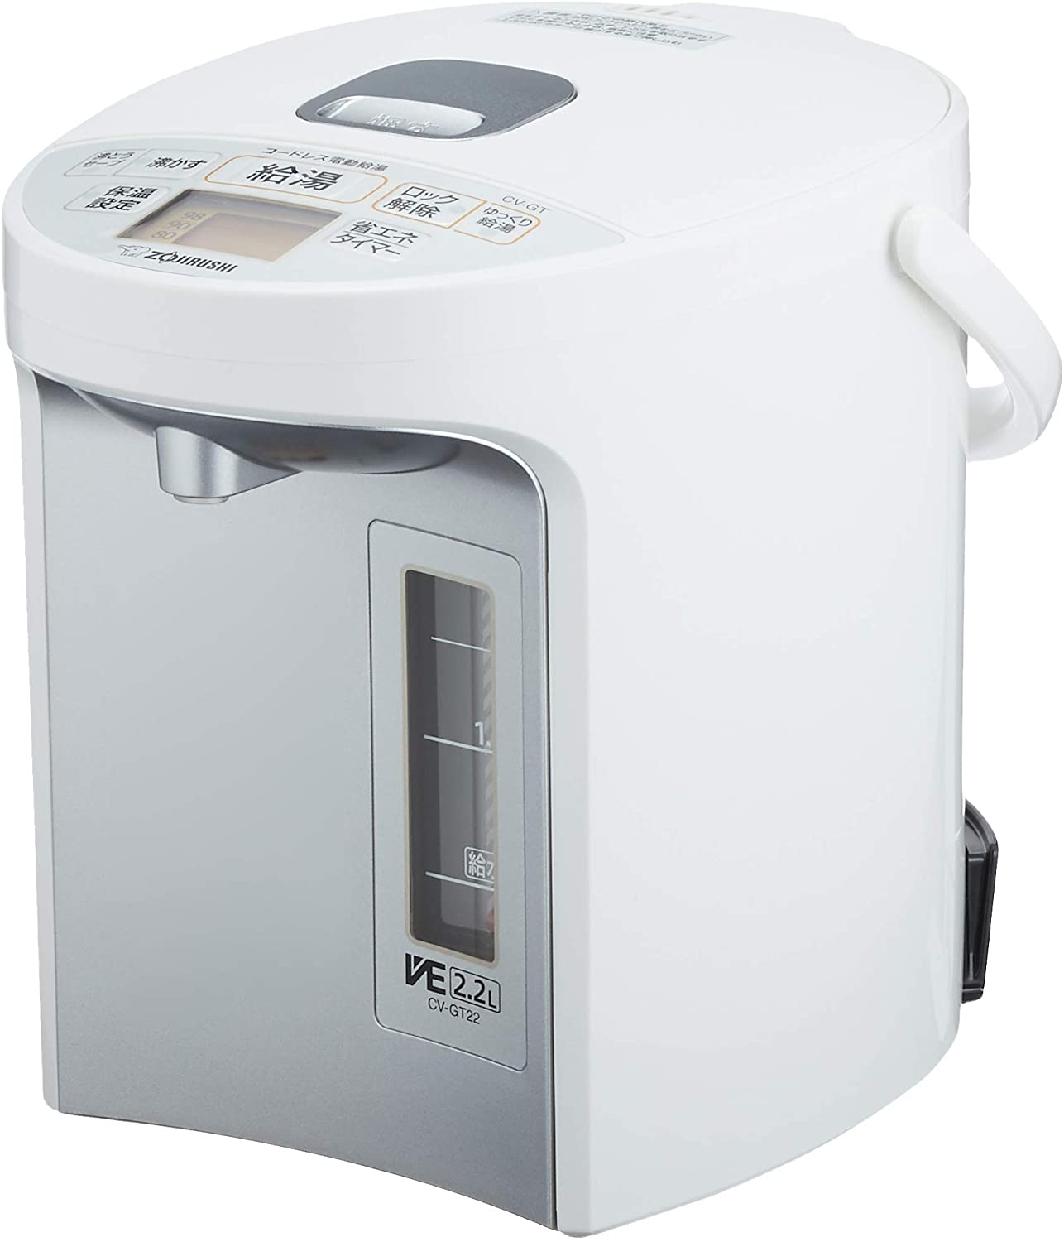 象印(ぞうじるし)マイコン沸とうVE電気まほうびん 優湯生 CV-GT22の商品画像